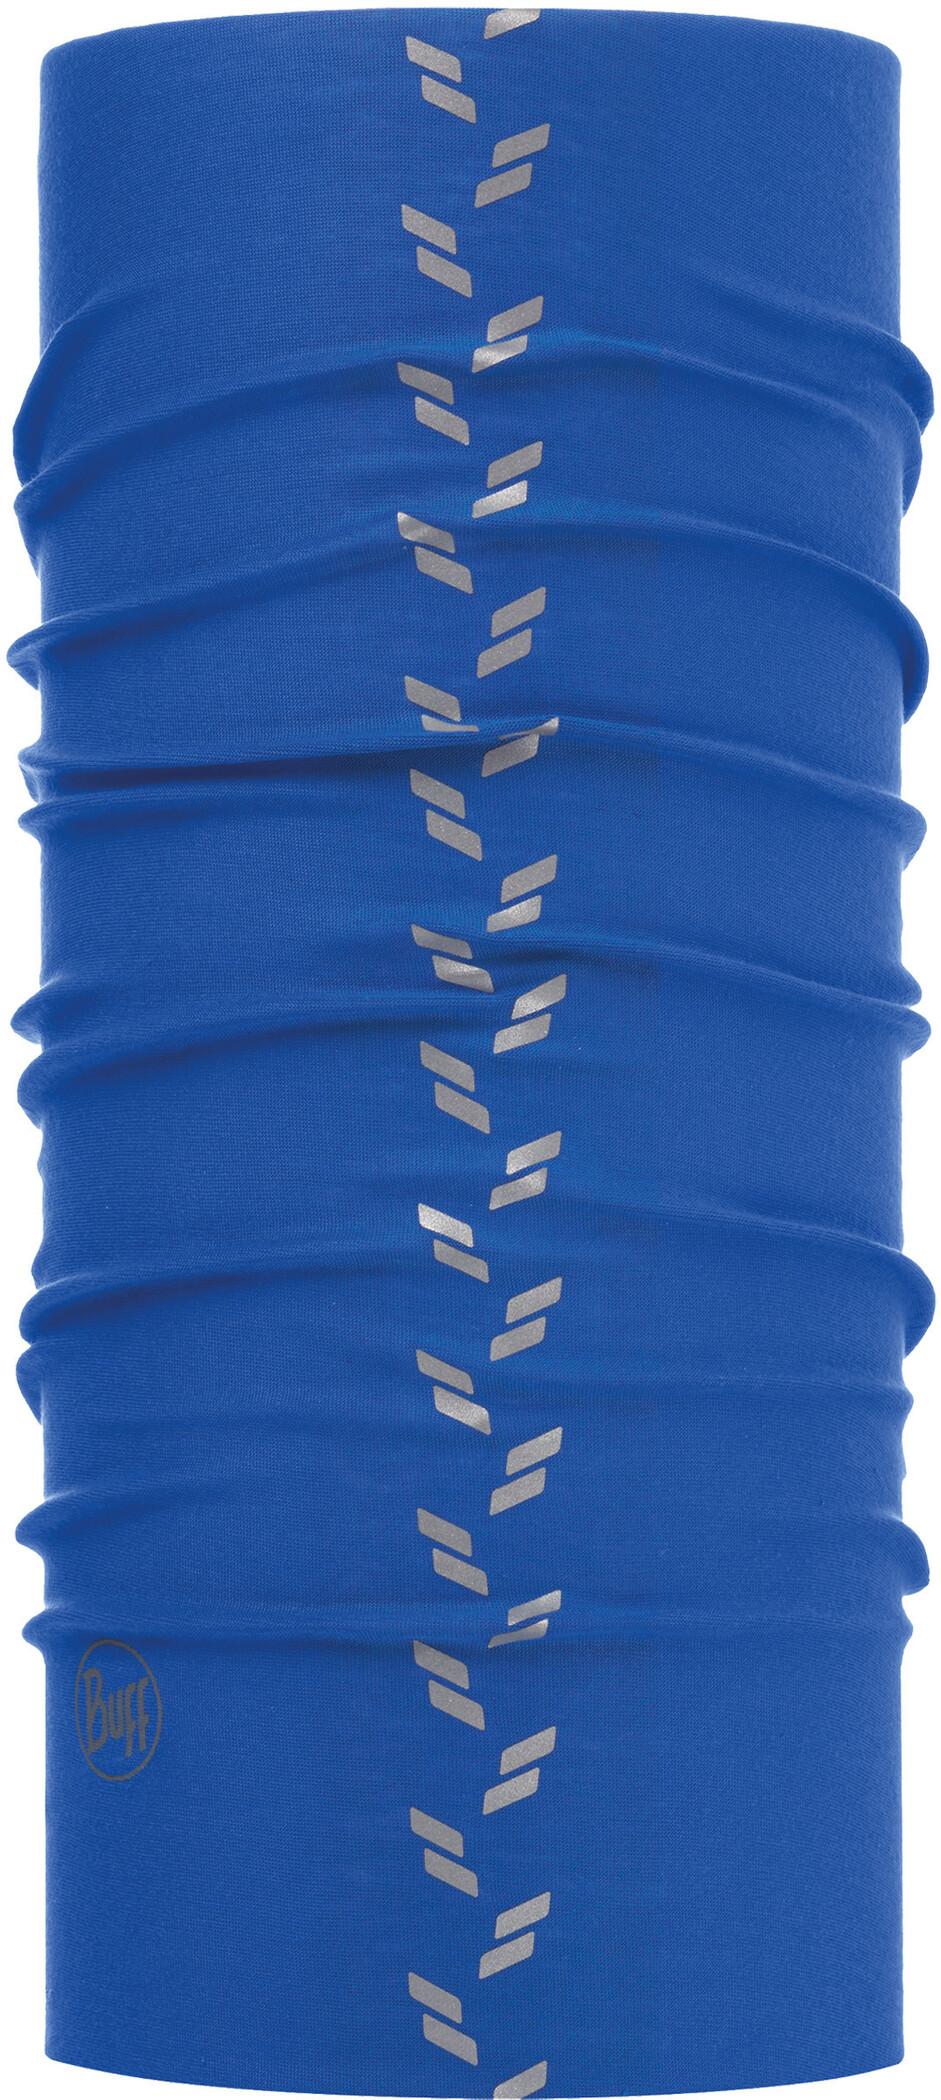 Tapicería de tela nobuck óptica microfibra sustancia muebles de tela todos los colores METERWARE